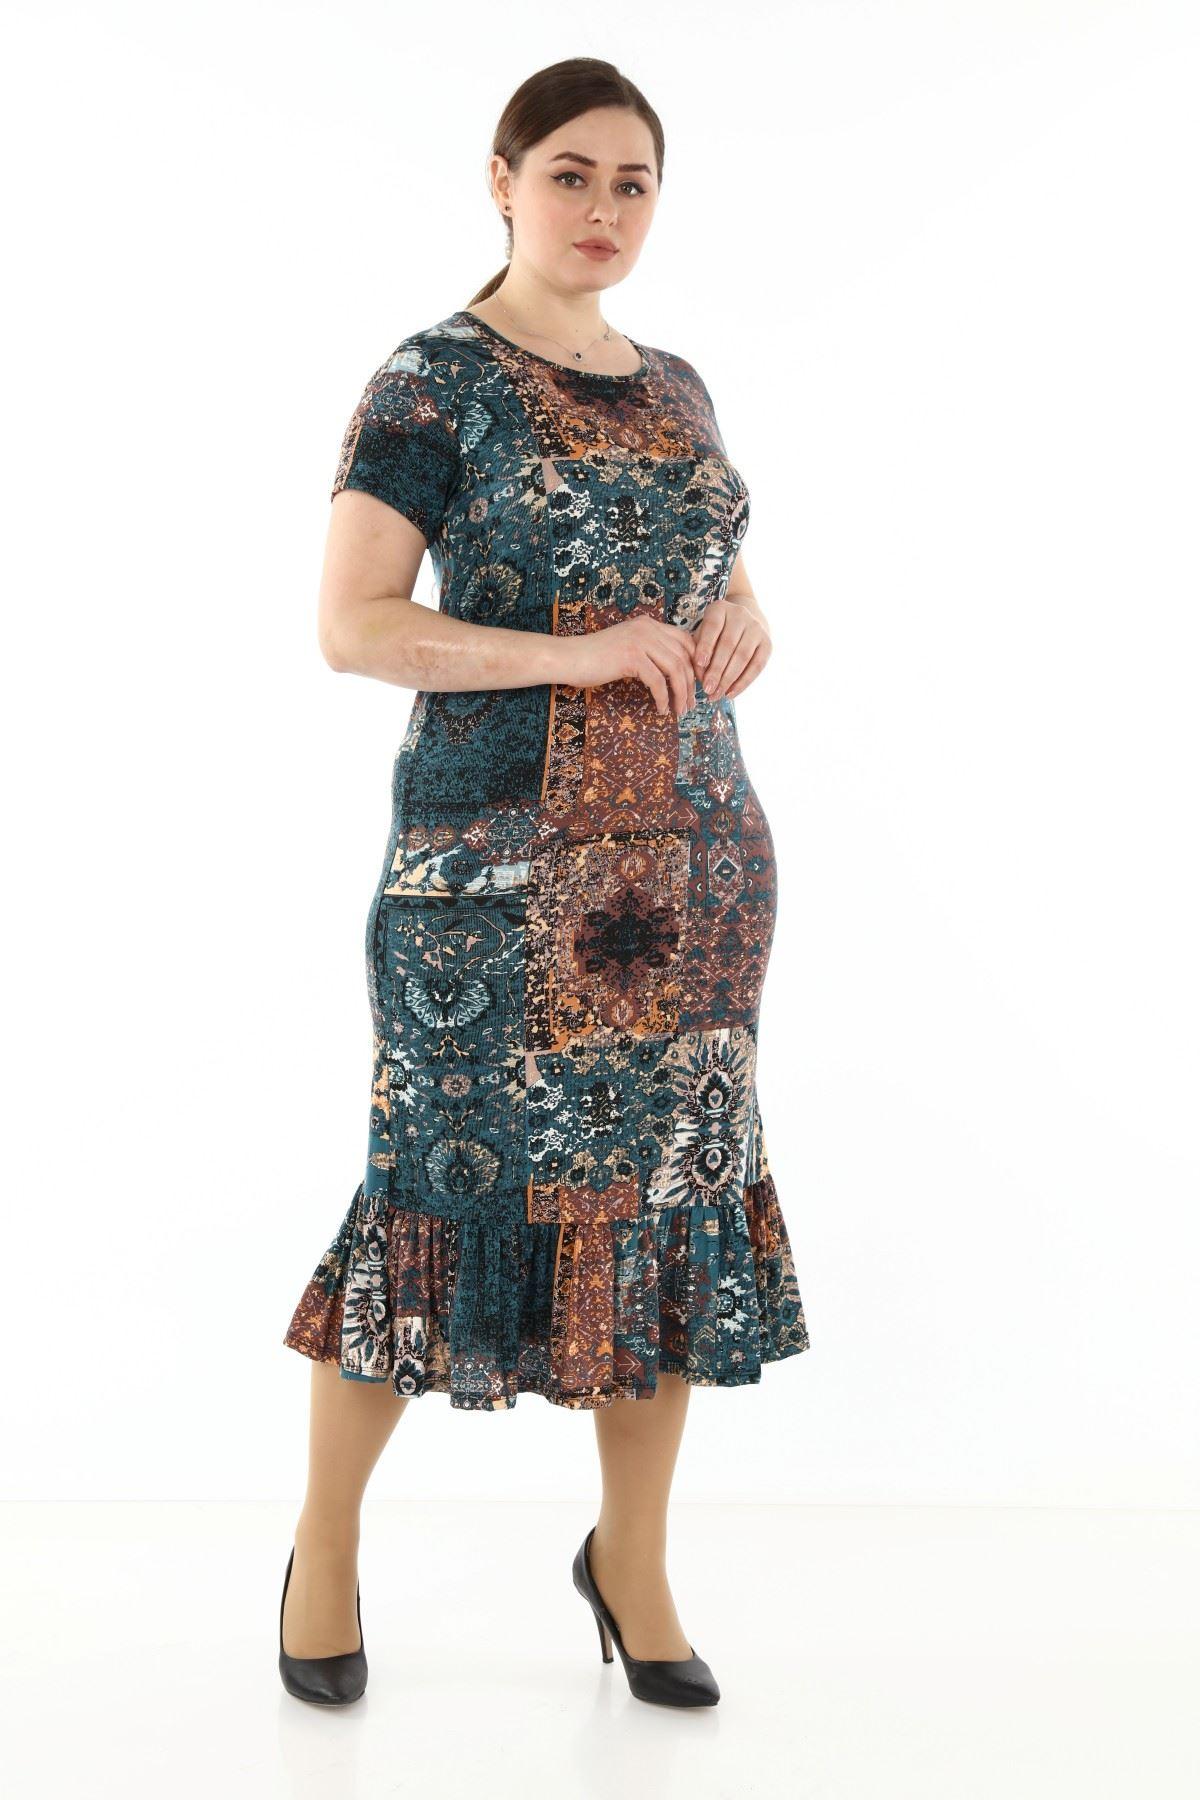 Desenli Eteği Fırfırlı Büyük Beden Elbise 4D-1754